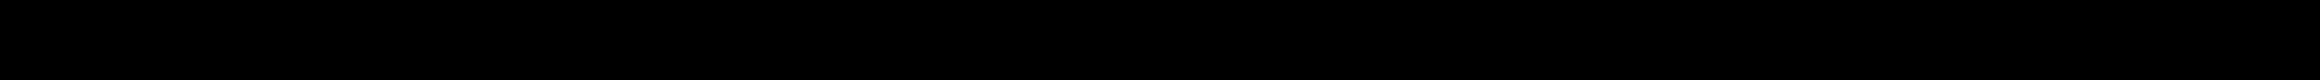 MEYLE 93175520, 93187434, 93191672, 95507450, MAR0314 Articulación axial, barra de acoplamiento